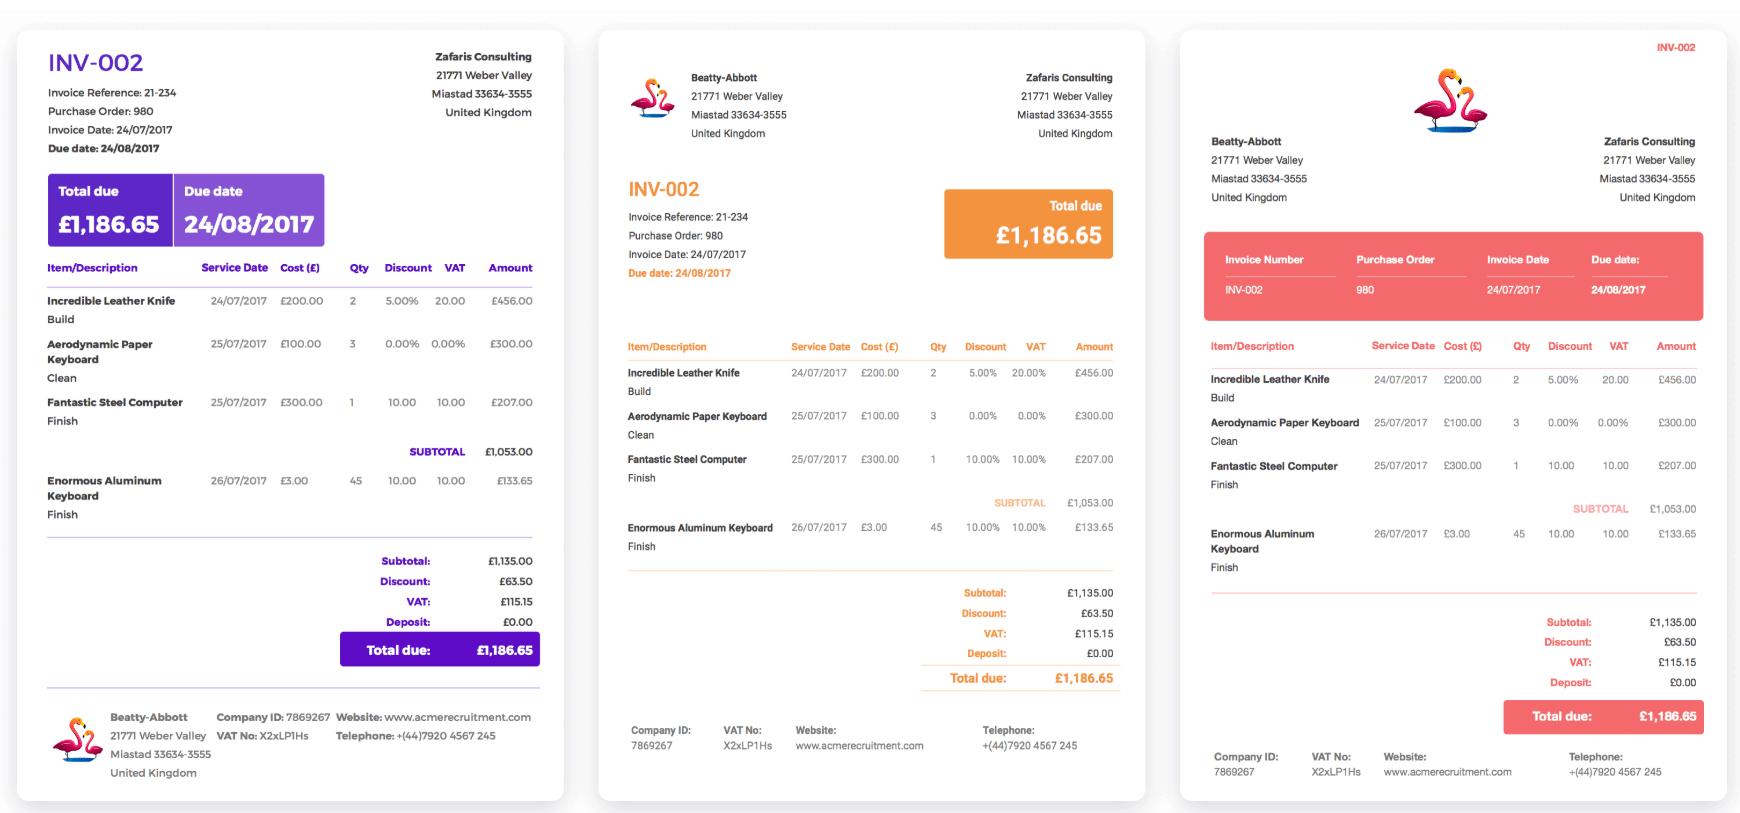 solna invoice template